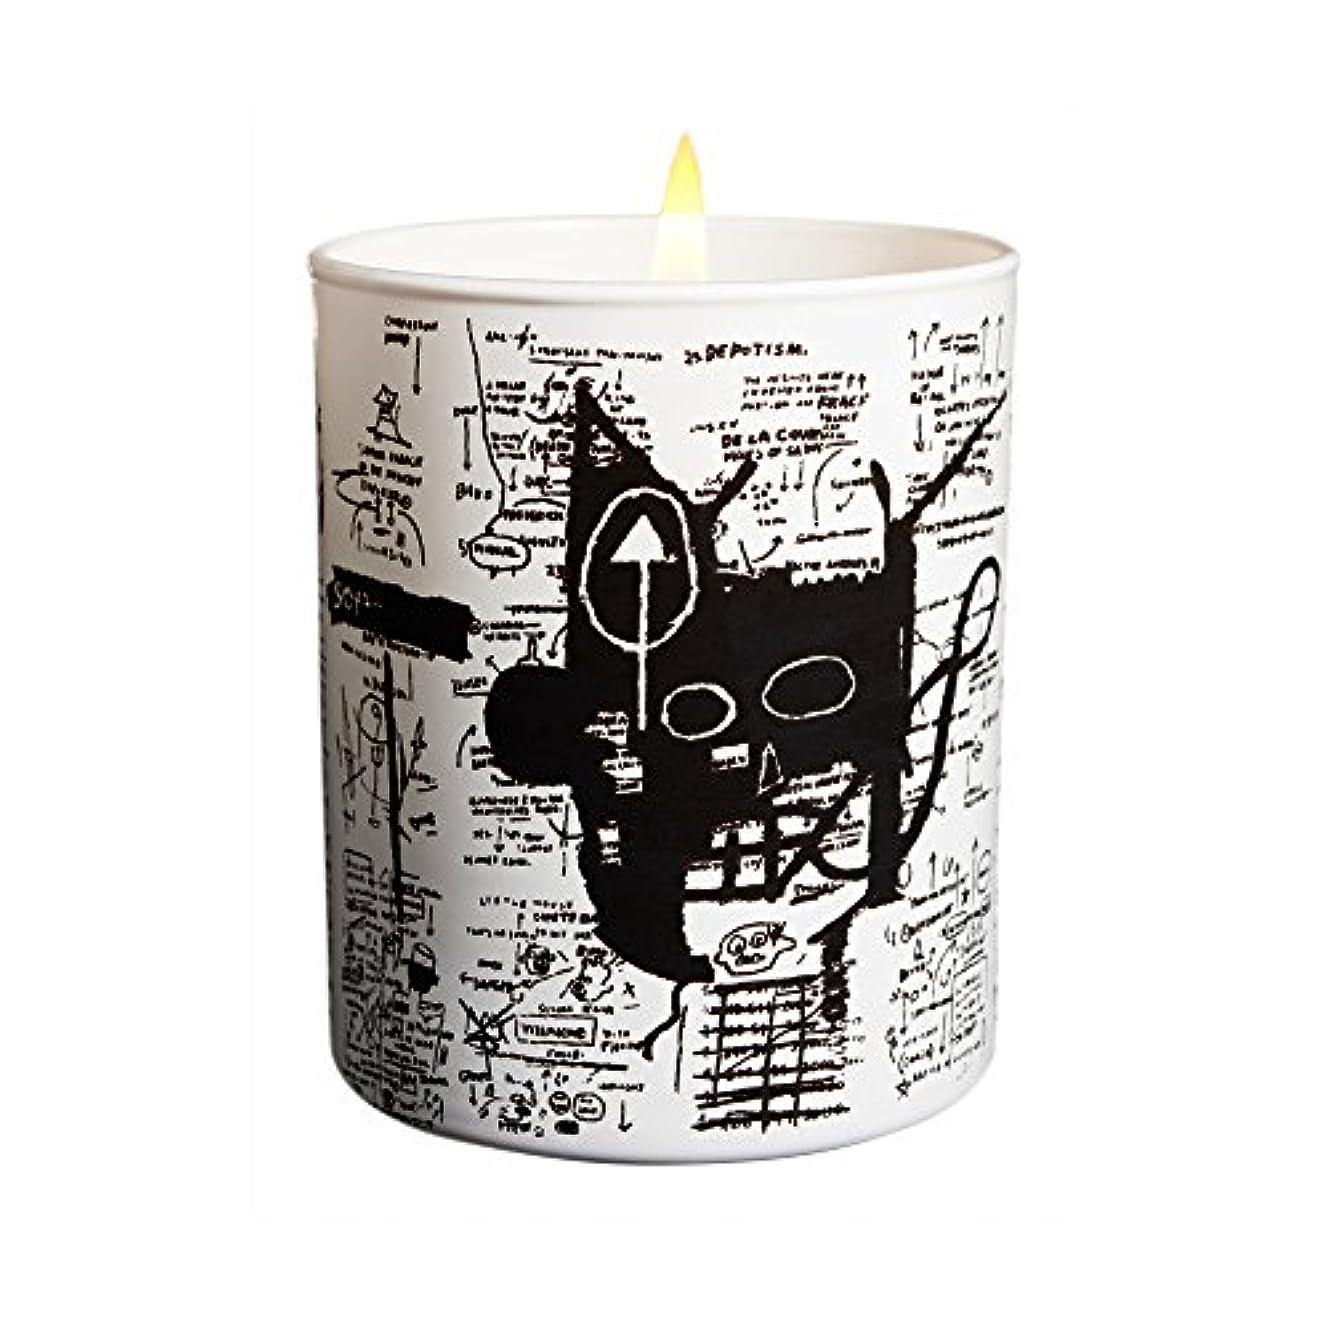 有名なカエル死ぬジャン ミシェル バスキア リターン オブ ザ セントラル フィギュア キャンドル(Jean-Michael Basquiat Perfumed Candle